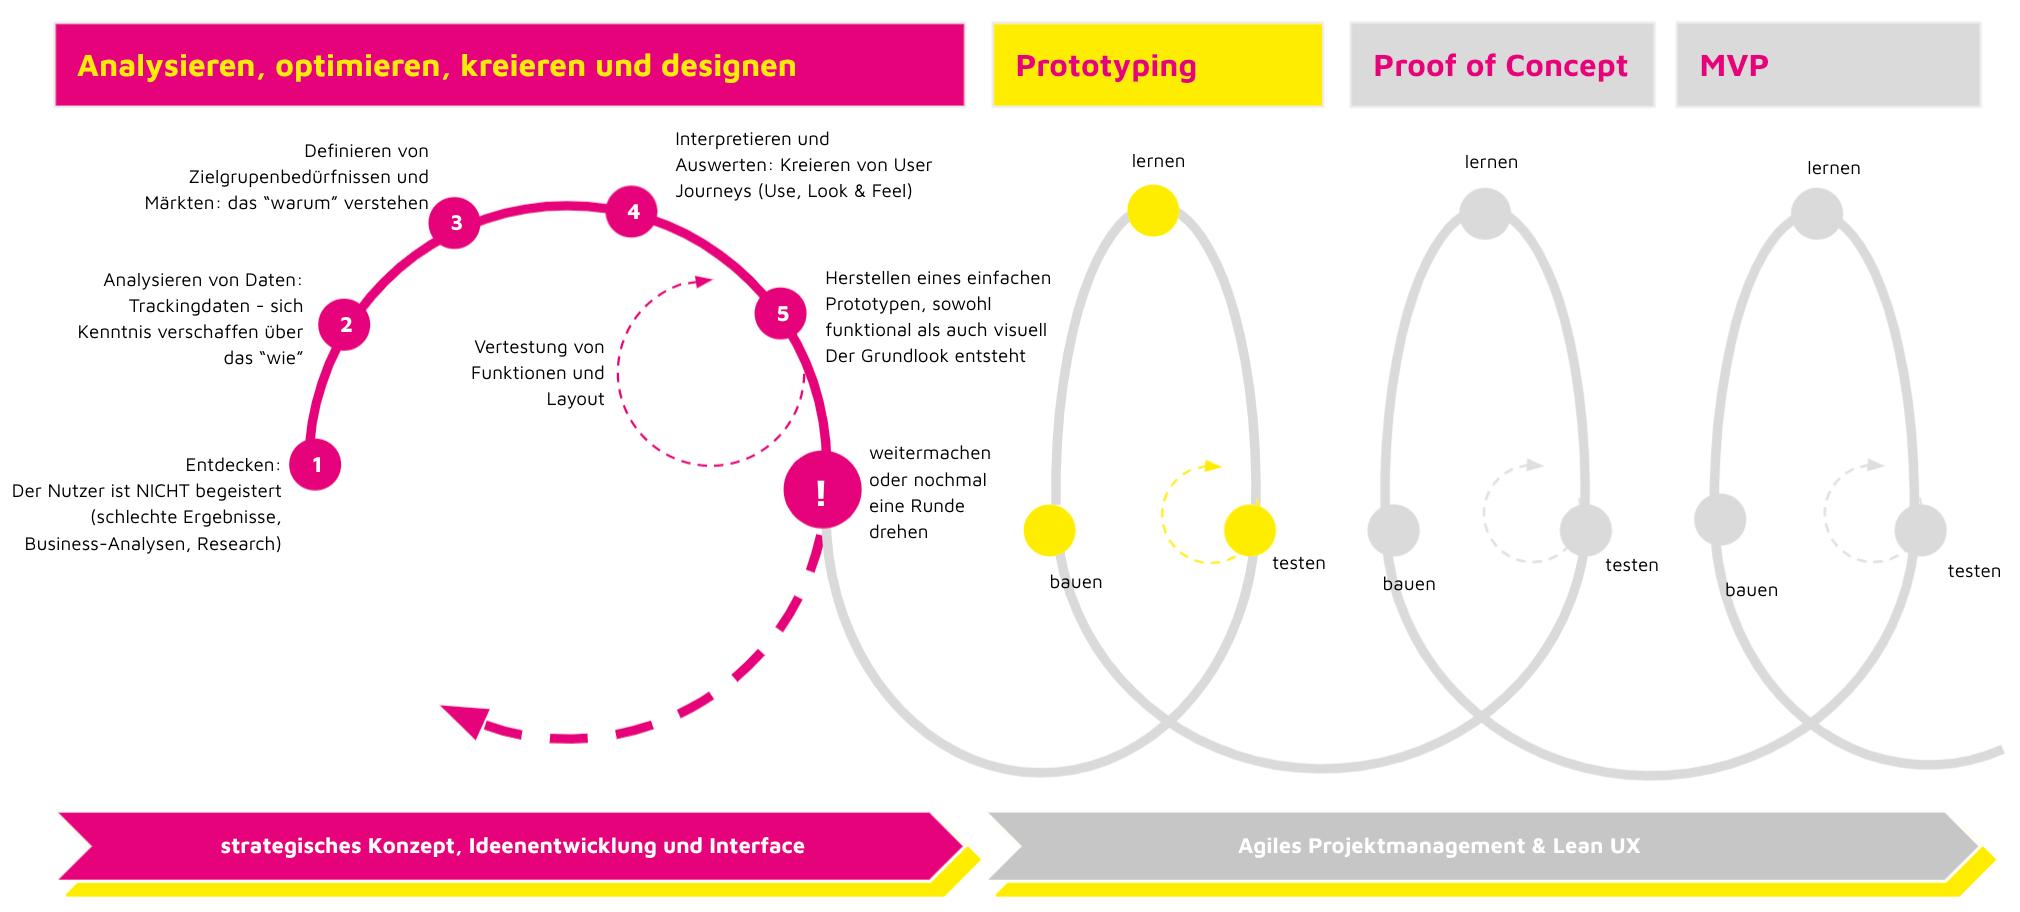 User Experience, interpretieren, analysieren, kreieren und optimieren